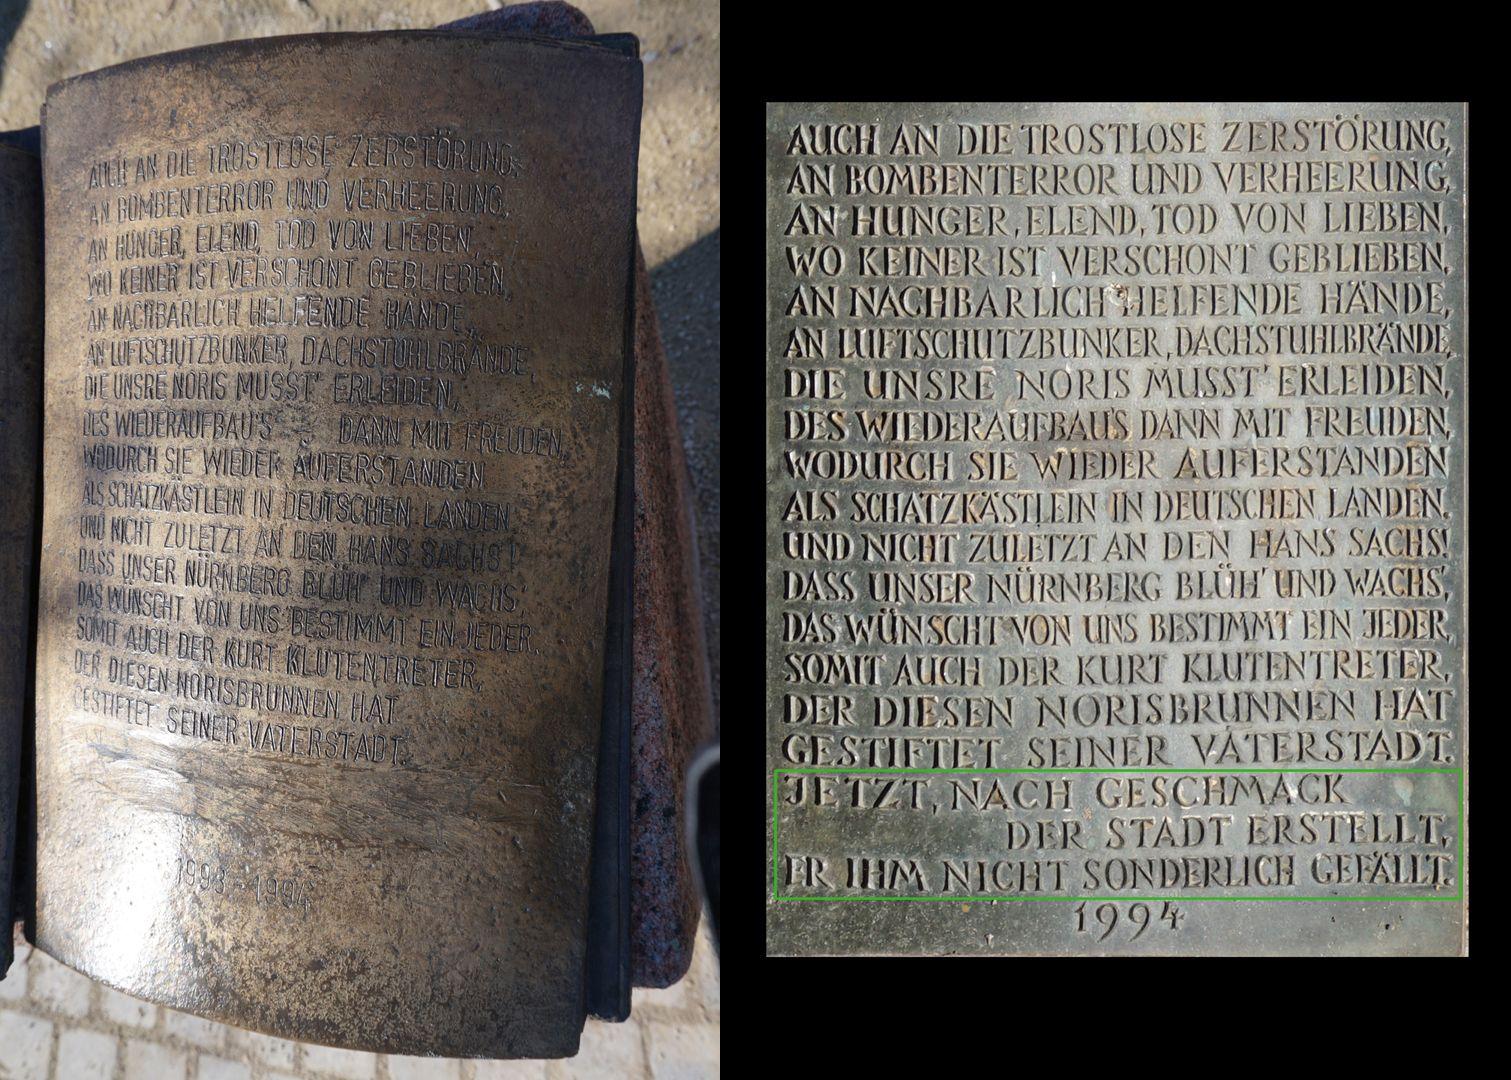 Norisbrunnen Bildvergleich der heutigen rechten Hälfte der Stiftertafel mit der ursprünglich angebrachten: .... Jetzt, nach Geschmack der Stadt erstellt, er ihm nicht sonderlich gefällt.